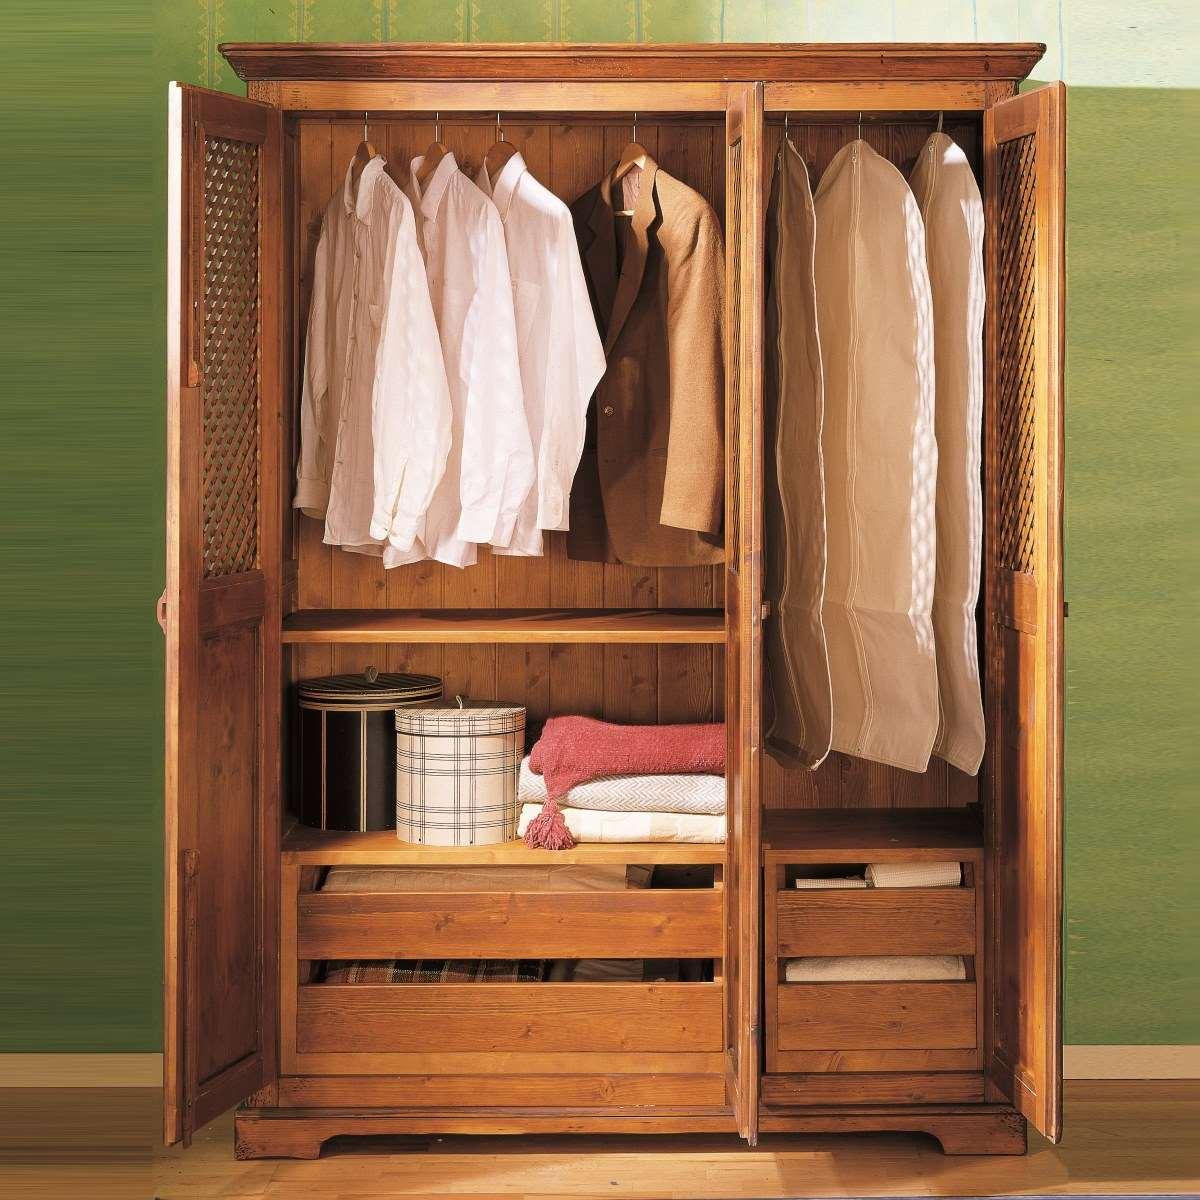 Armario r stico de madera en tres puertas ecor stico - Armarios tres puertas ...